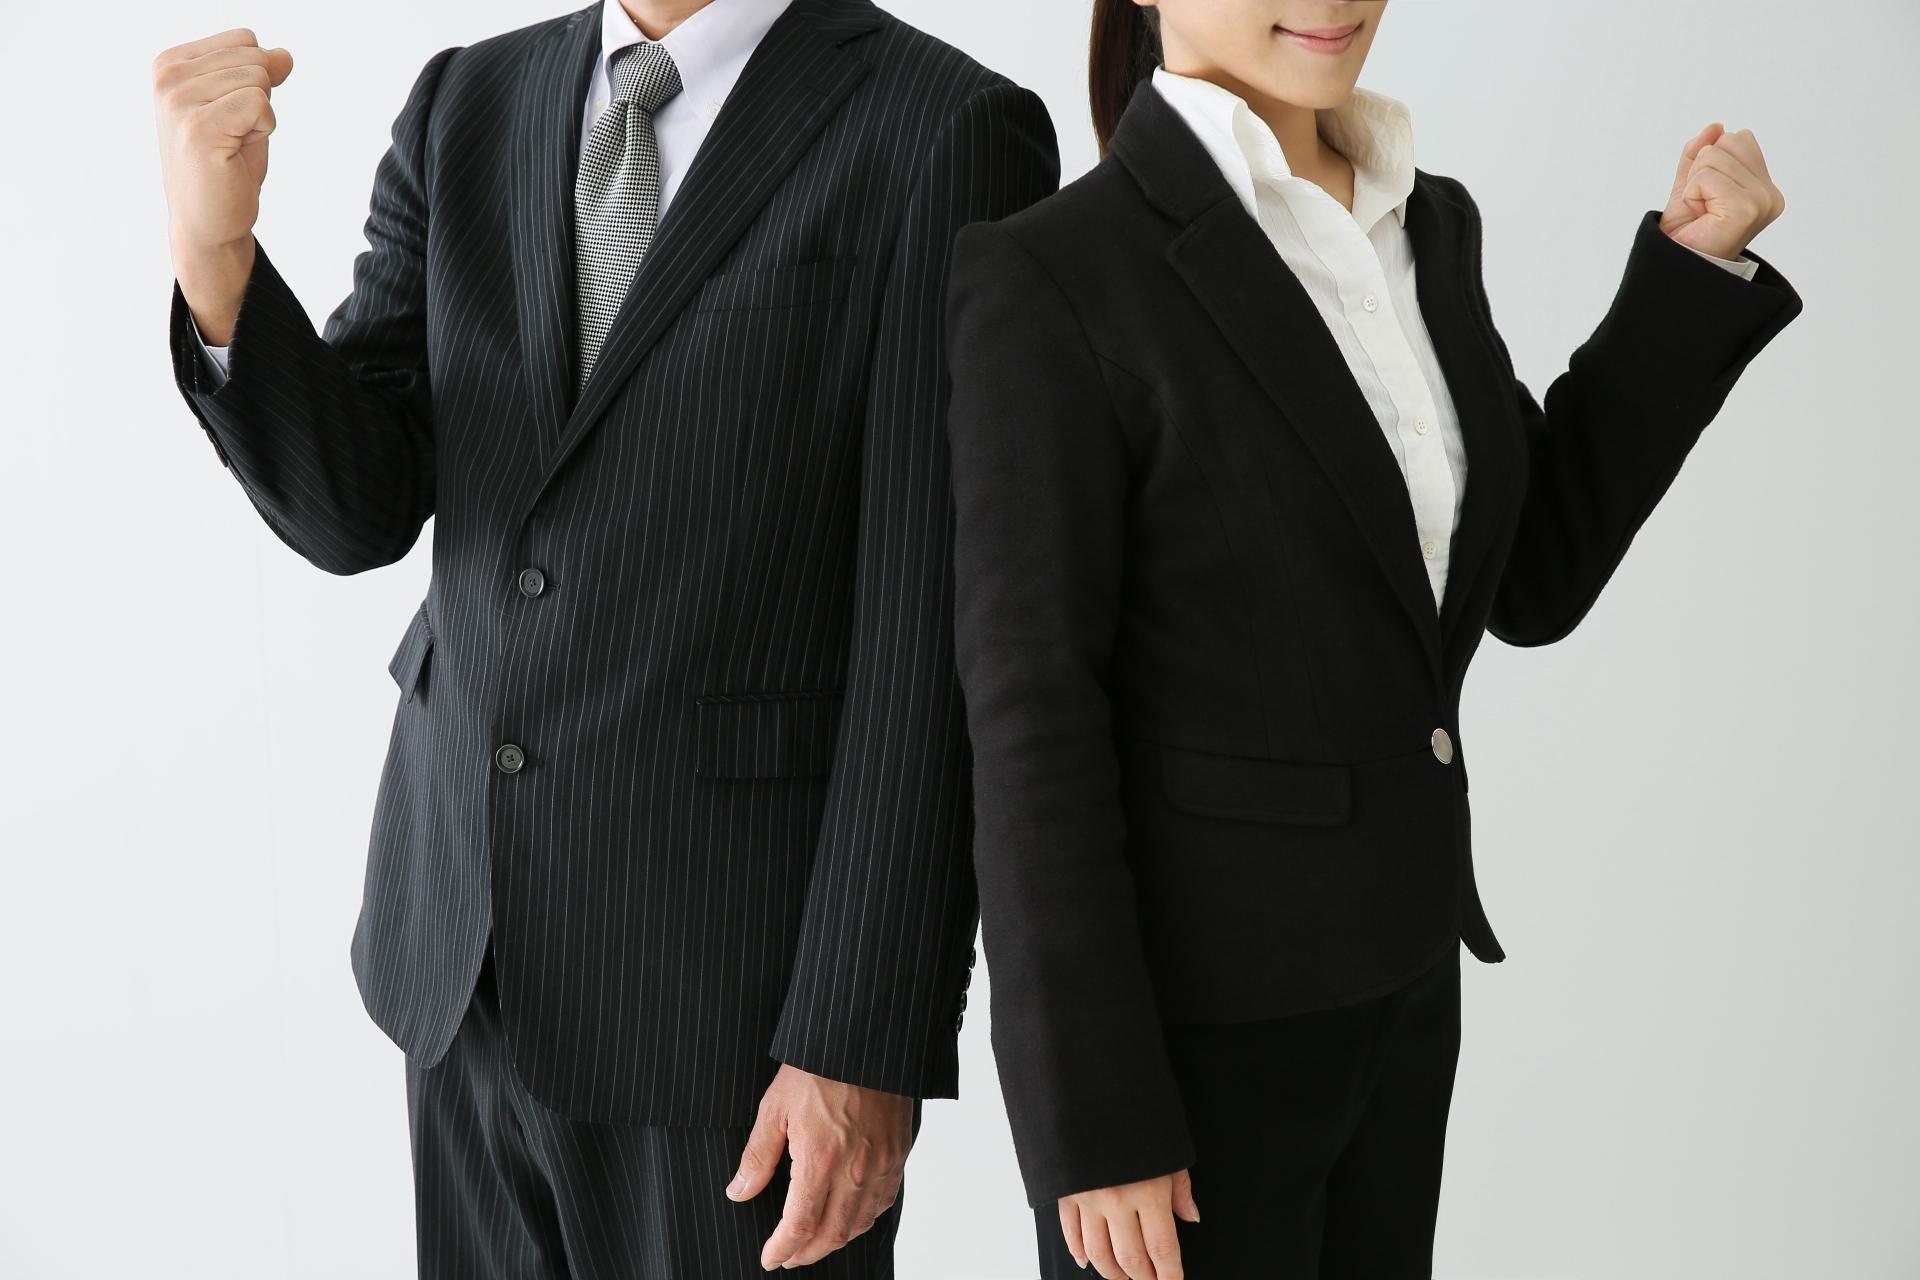 ビジネスマインドと仕事の進め方